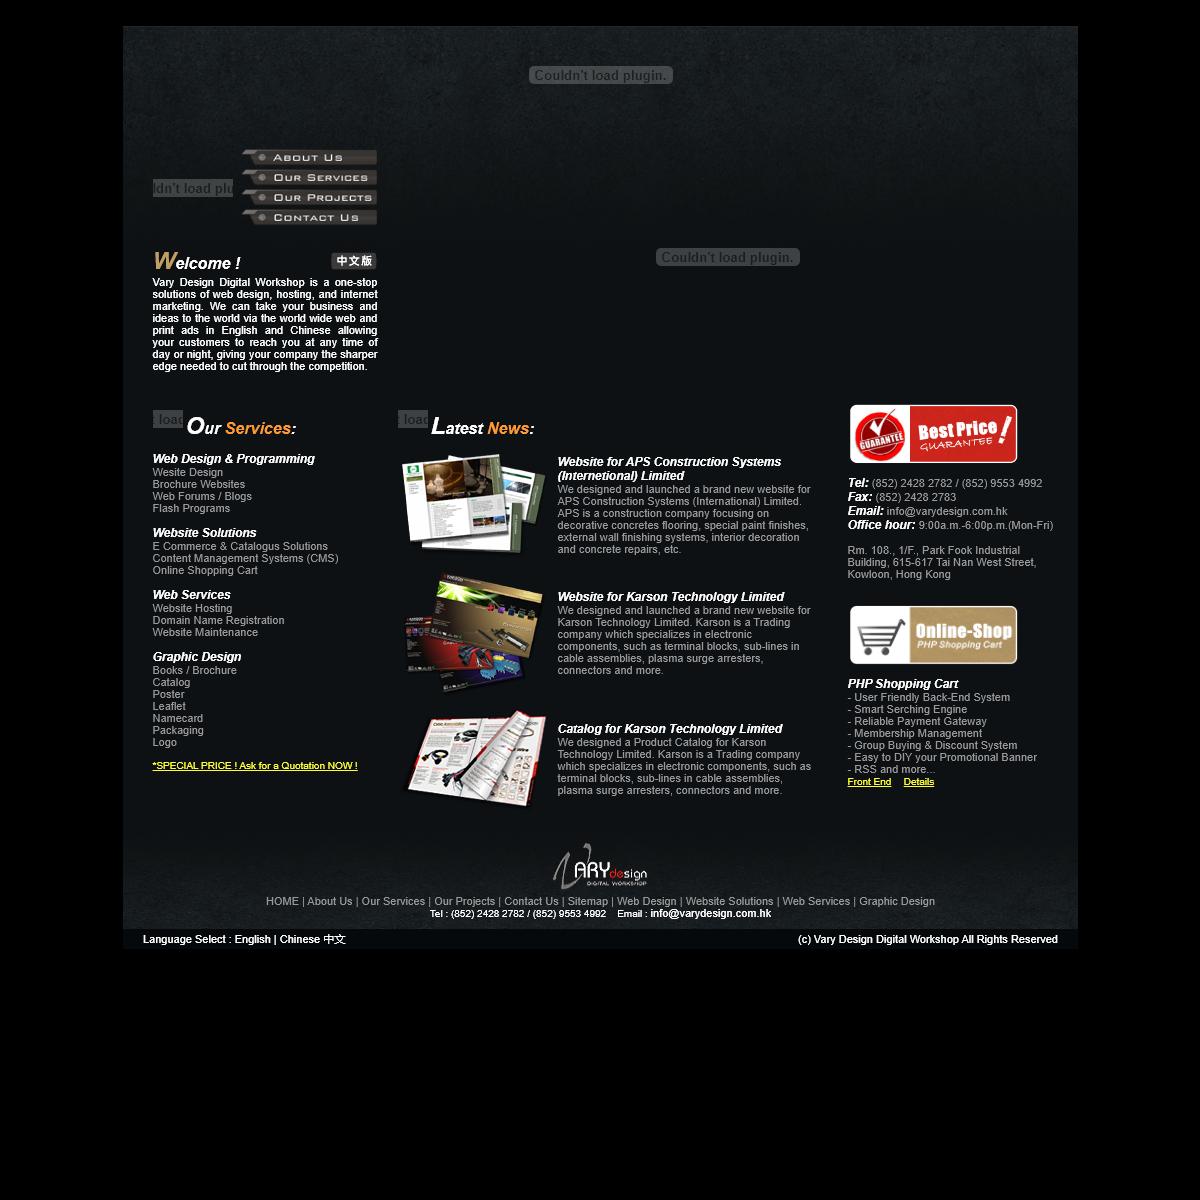 Vary Design Digital Workshop - Total Solution Provider for Web & Graphic Design